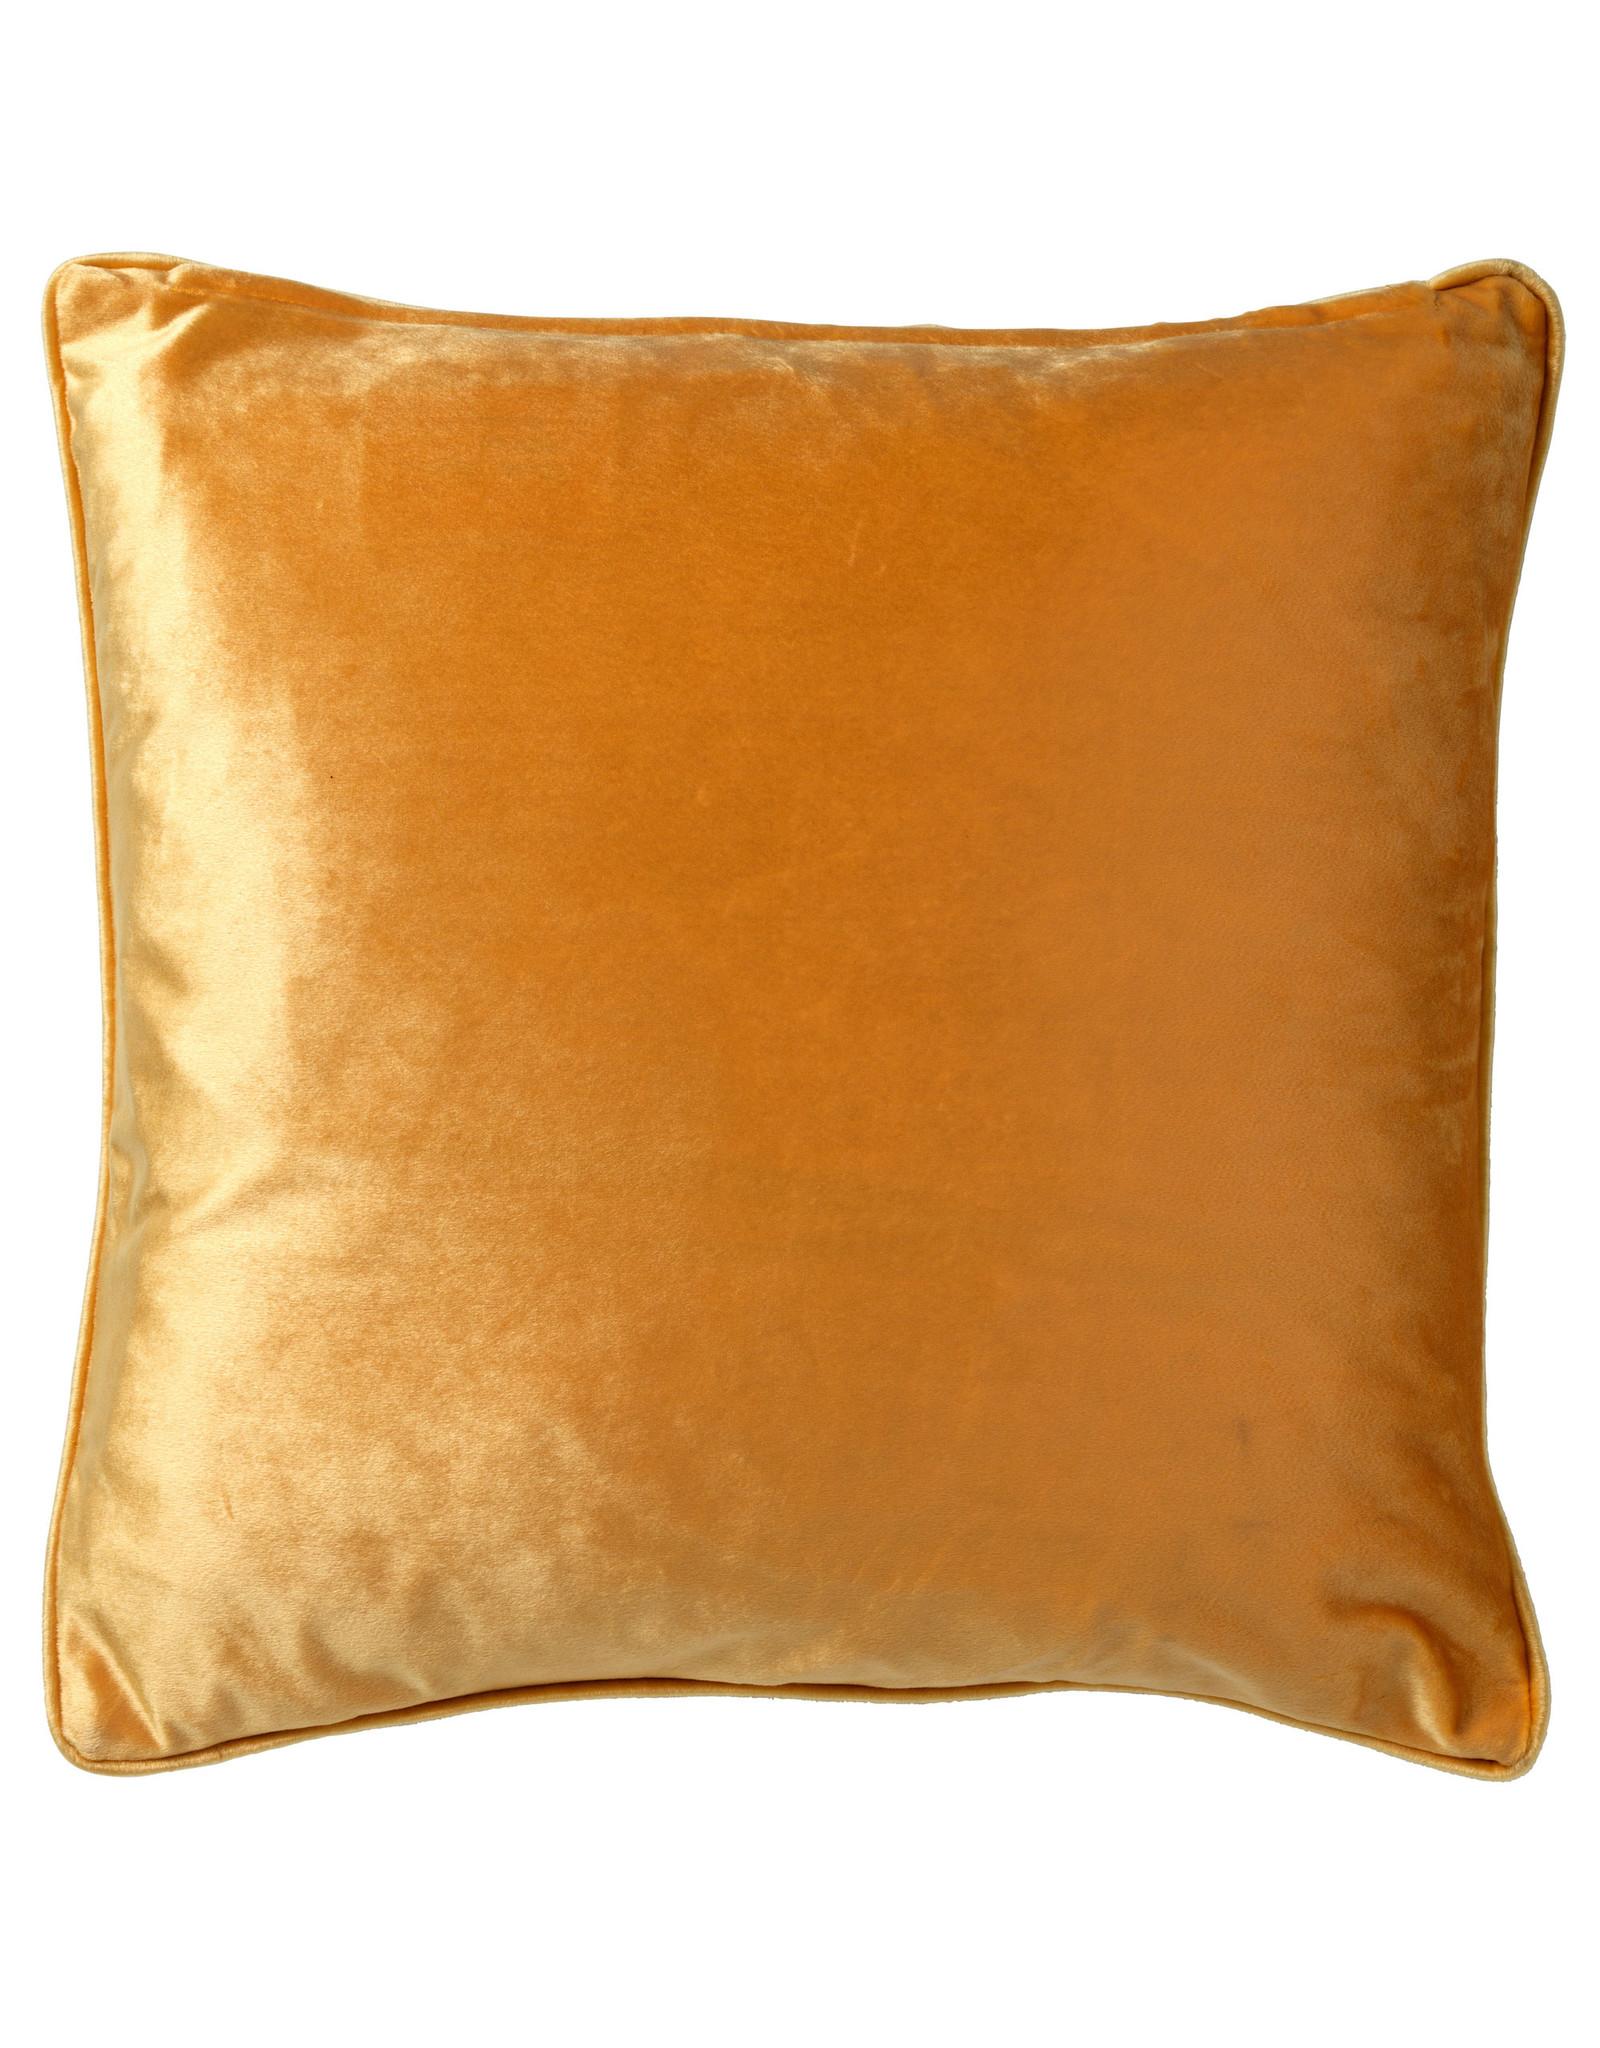 Dutch Decor Kussen - Leona Golden Glow